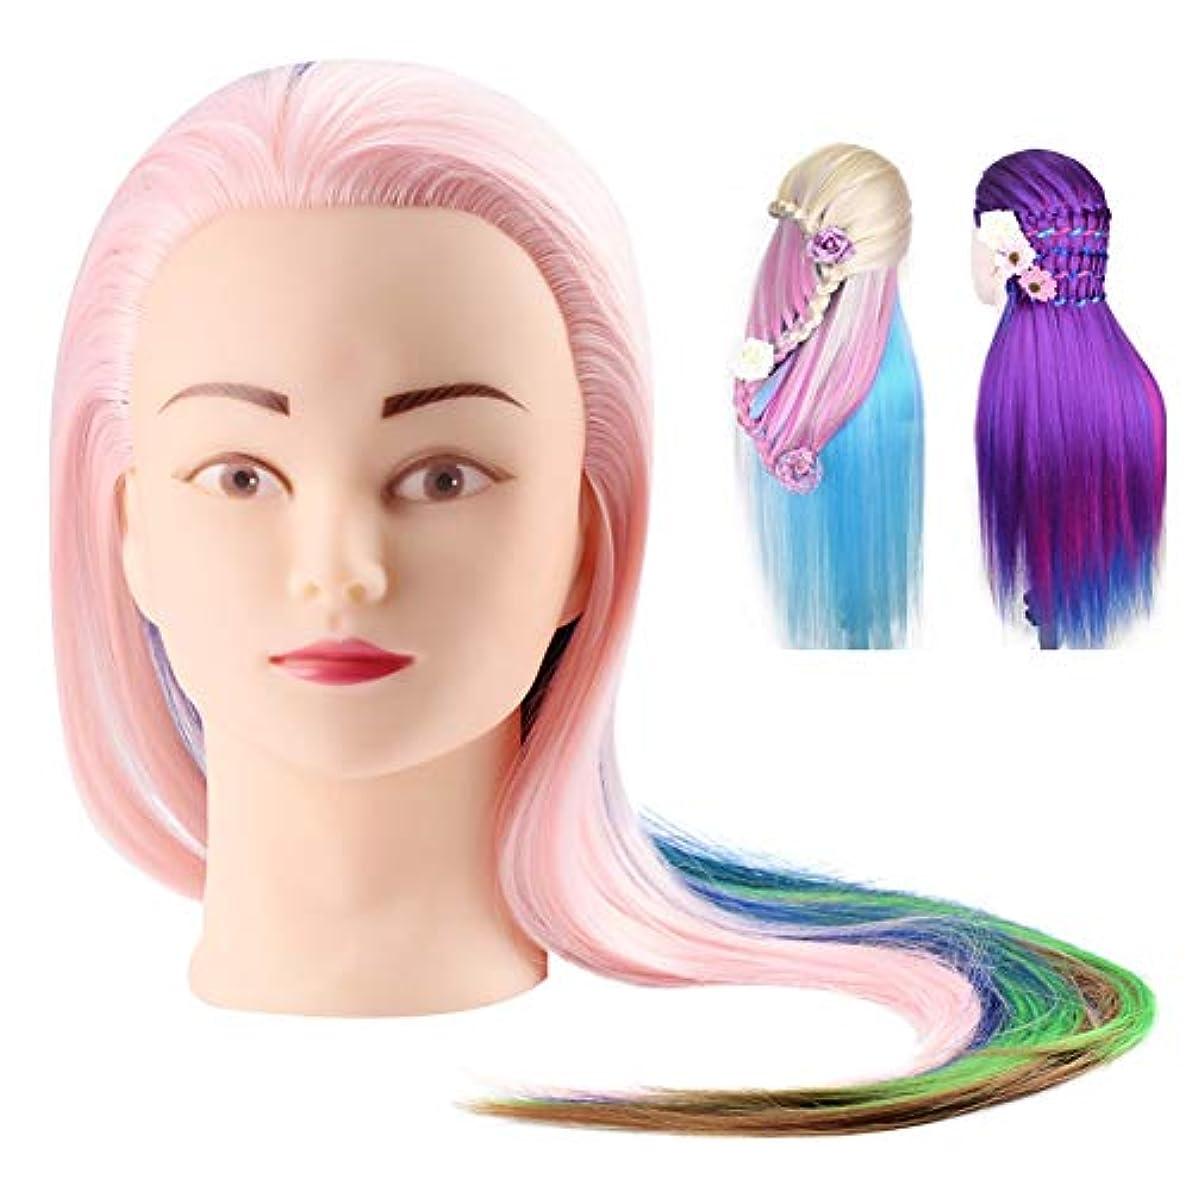 準備する立方体鎖プロの理髪ヘッド、化粧品実用的なマネキン人形人工毛、人工毛理髪トレーニングヘッドエクササイズマネキン